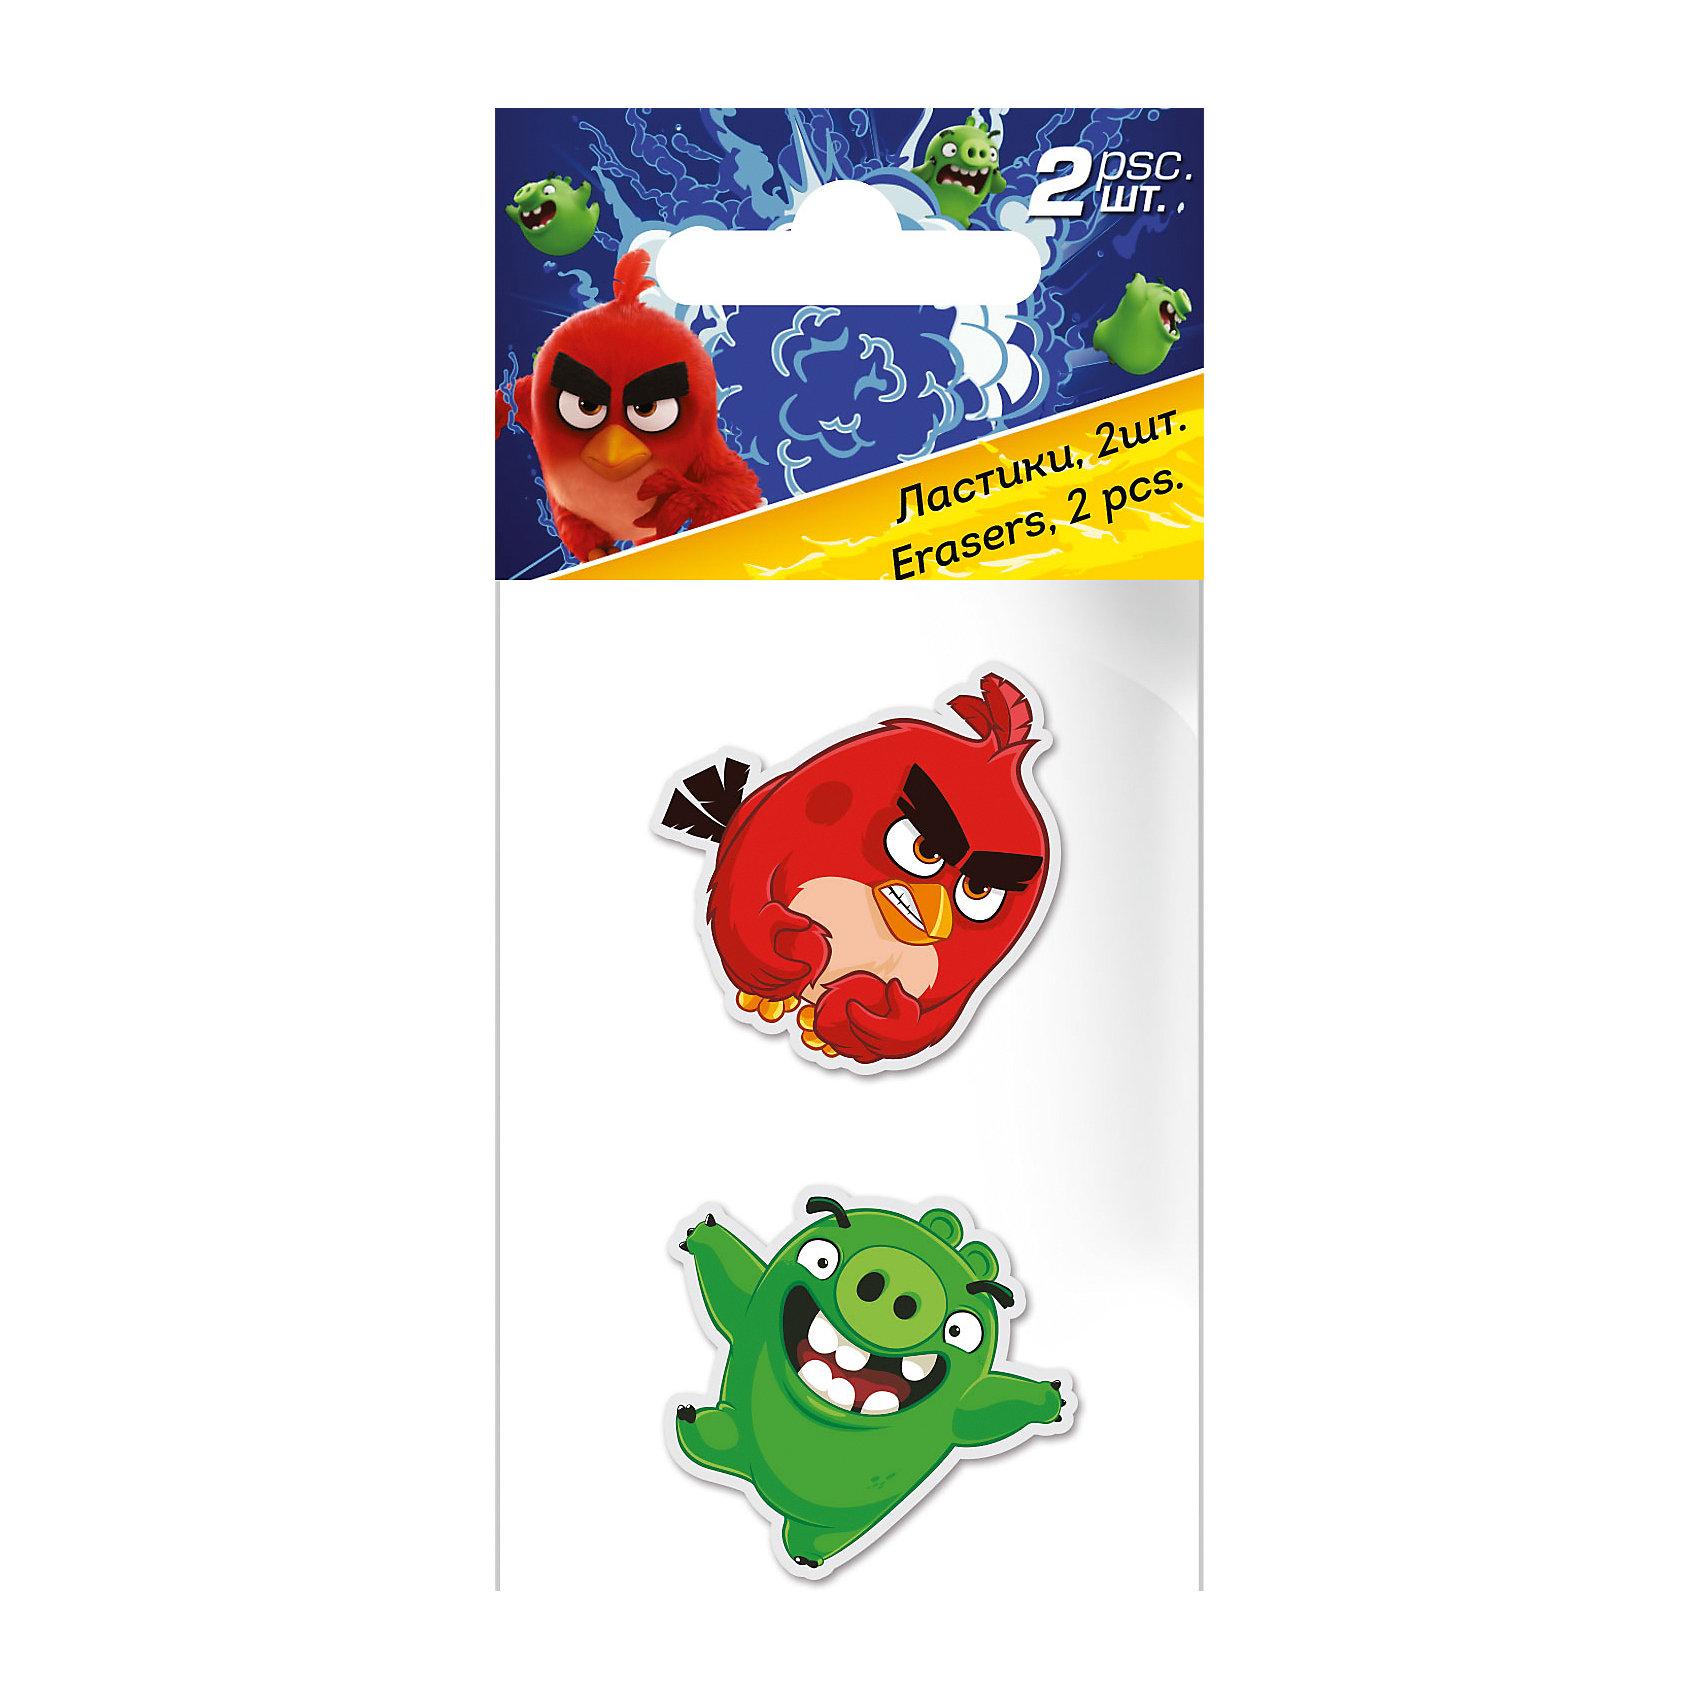 Набор ластиков, 2 шт., Angry BirdsЯркие канцелярские принадлежности с привлекательным дизайном сделают школьные занятия веселее и поднимут настроение маленькому школьнику. Ластики Angry Birds выполнены в виде фигурок персонажей популярной компьютерной игры Angry Birds (красная птичка и свинка).<br>Подходят для графитовых и цветных карандашей, хорошо стирают, не рвут бумагу и не оставляют грязных разводов. Набор оформлен в ПП пакет с подвесом. <br><br><br>Дополнительная информация:<br><br>- В комплекте: 2 шт.<br>- Материал: мягкая резина. <br>- Размер упаковки: 13 х 6 х 1 см.<br>- Вес: 30 гр.<br><br>Набор ластиков, 2 шт., Angry Birds, можно купить в нашем интернет-магазине.<br><br>Ширина мм: 130<br>Глубина мм: 60<br>Высота мм: 10<br>Вес г: 30<br>Возраст от месяцев: 96<br>Возраст до месяцев: 108<br>Пол: Мужской<br>Возраст: Детский<br>SKU: 4681072